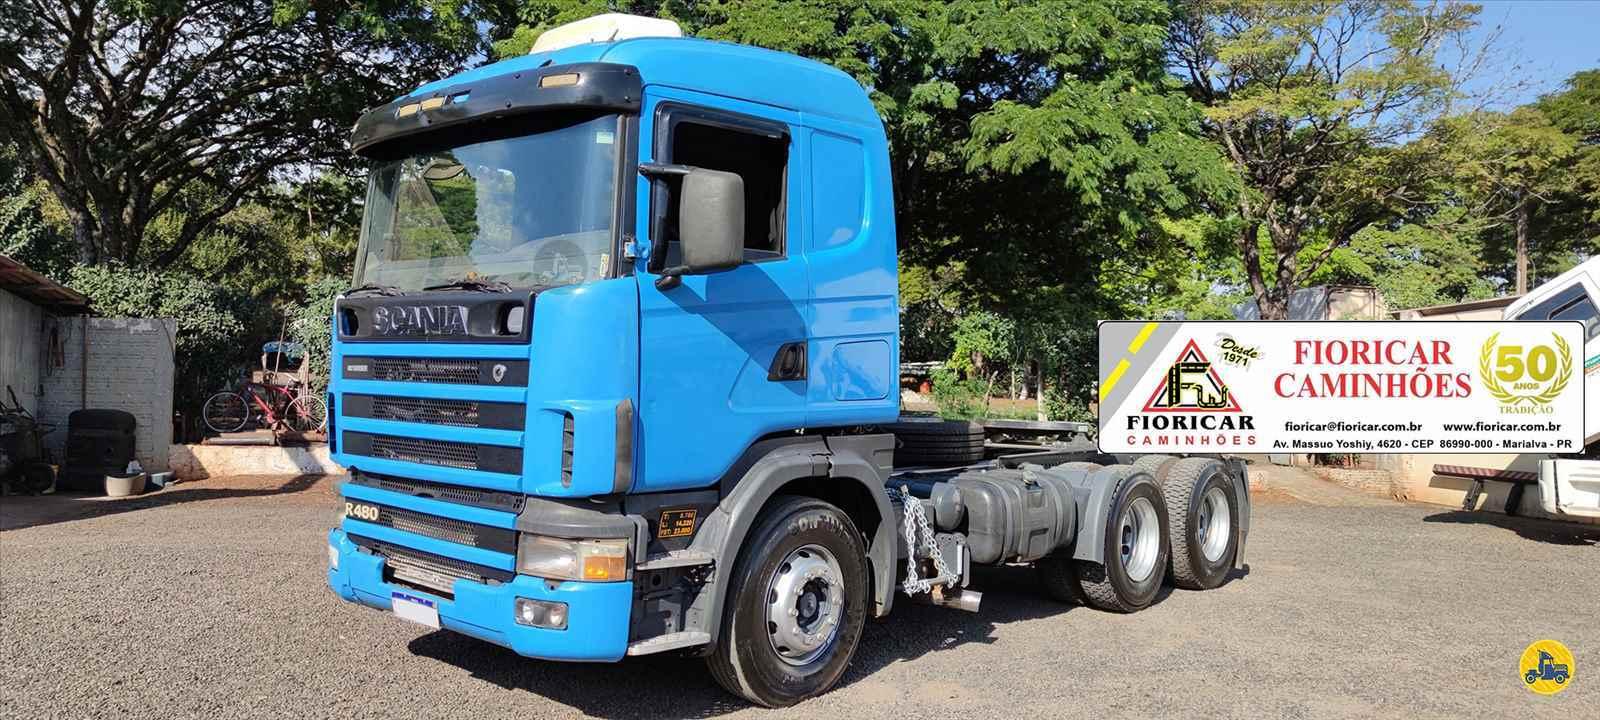 CAMINHAO SCANIA SCANIA 480 Cavalo Mecânico Traçado 6x4 Fioricar Caminhões MARIALVA PARANÁ PR